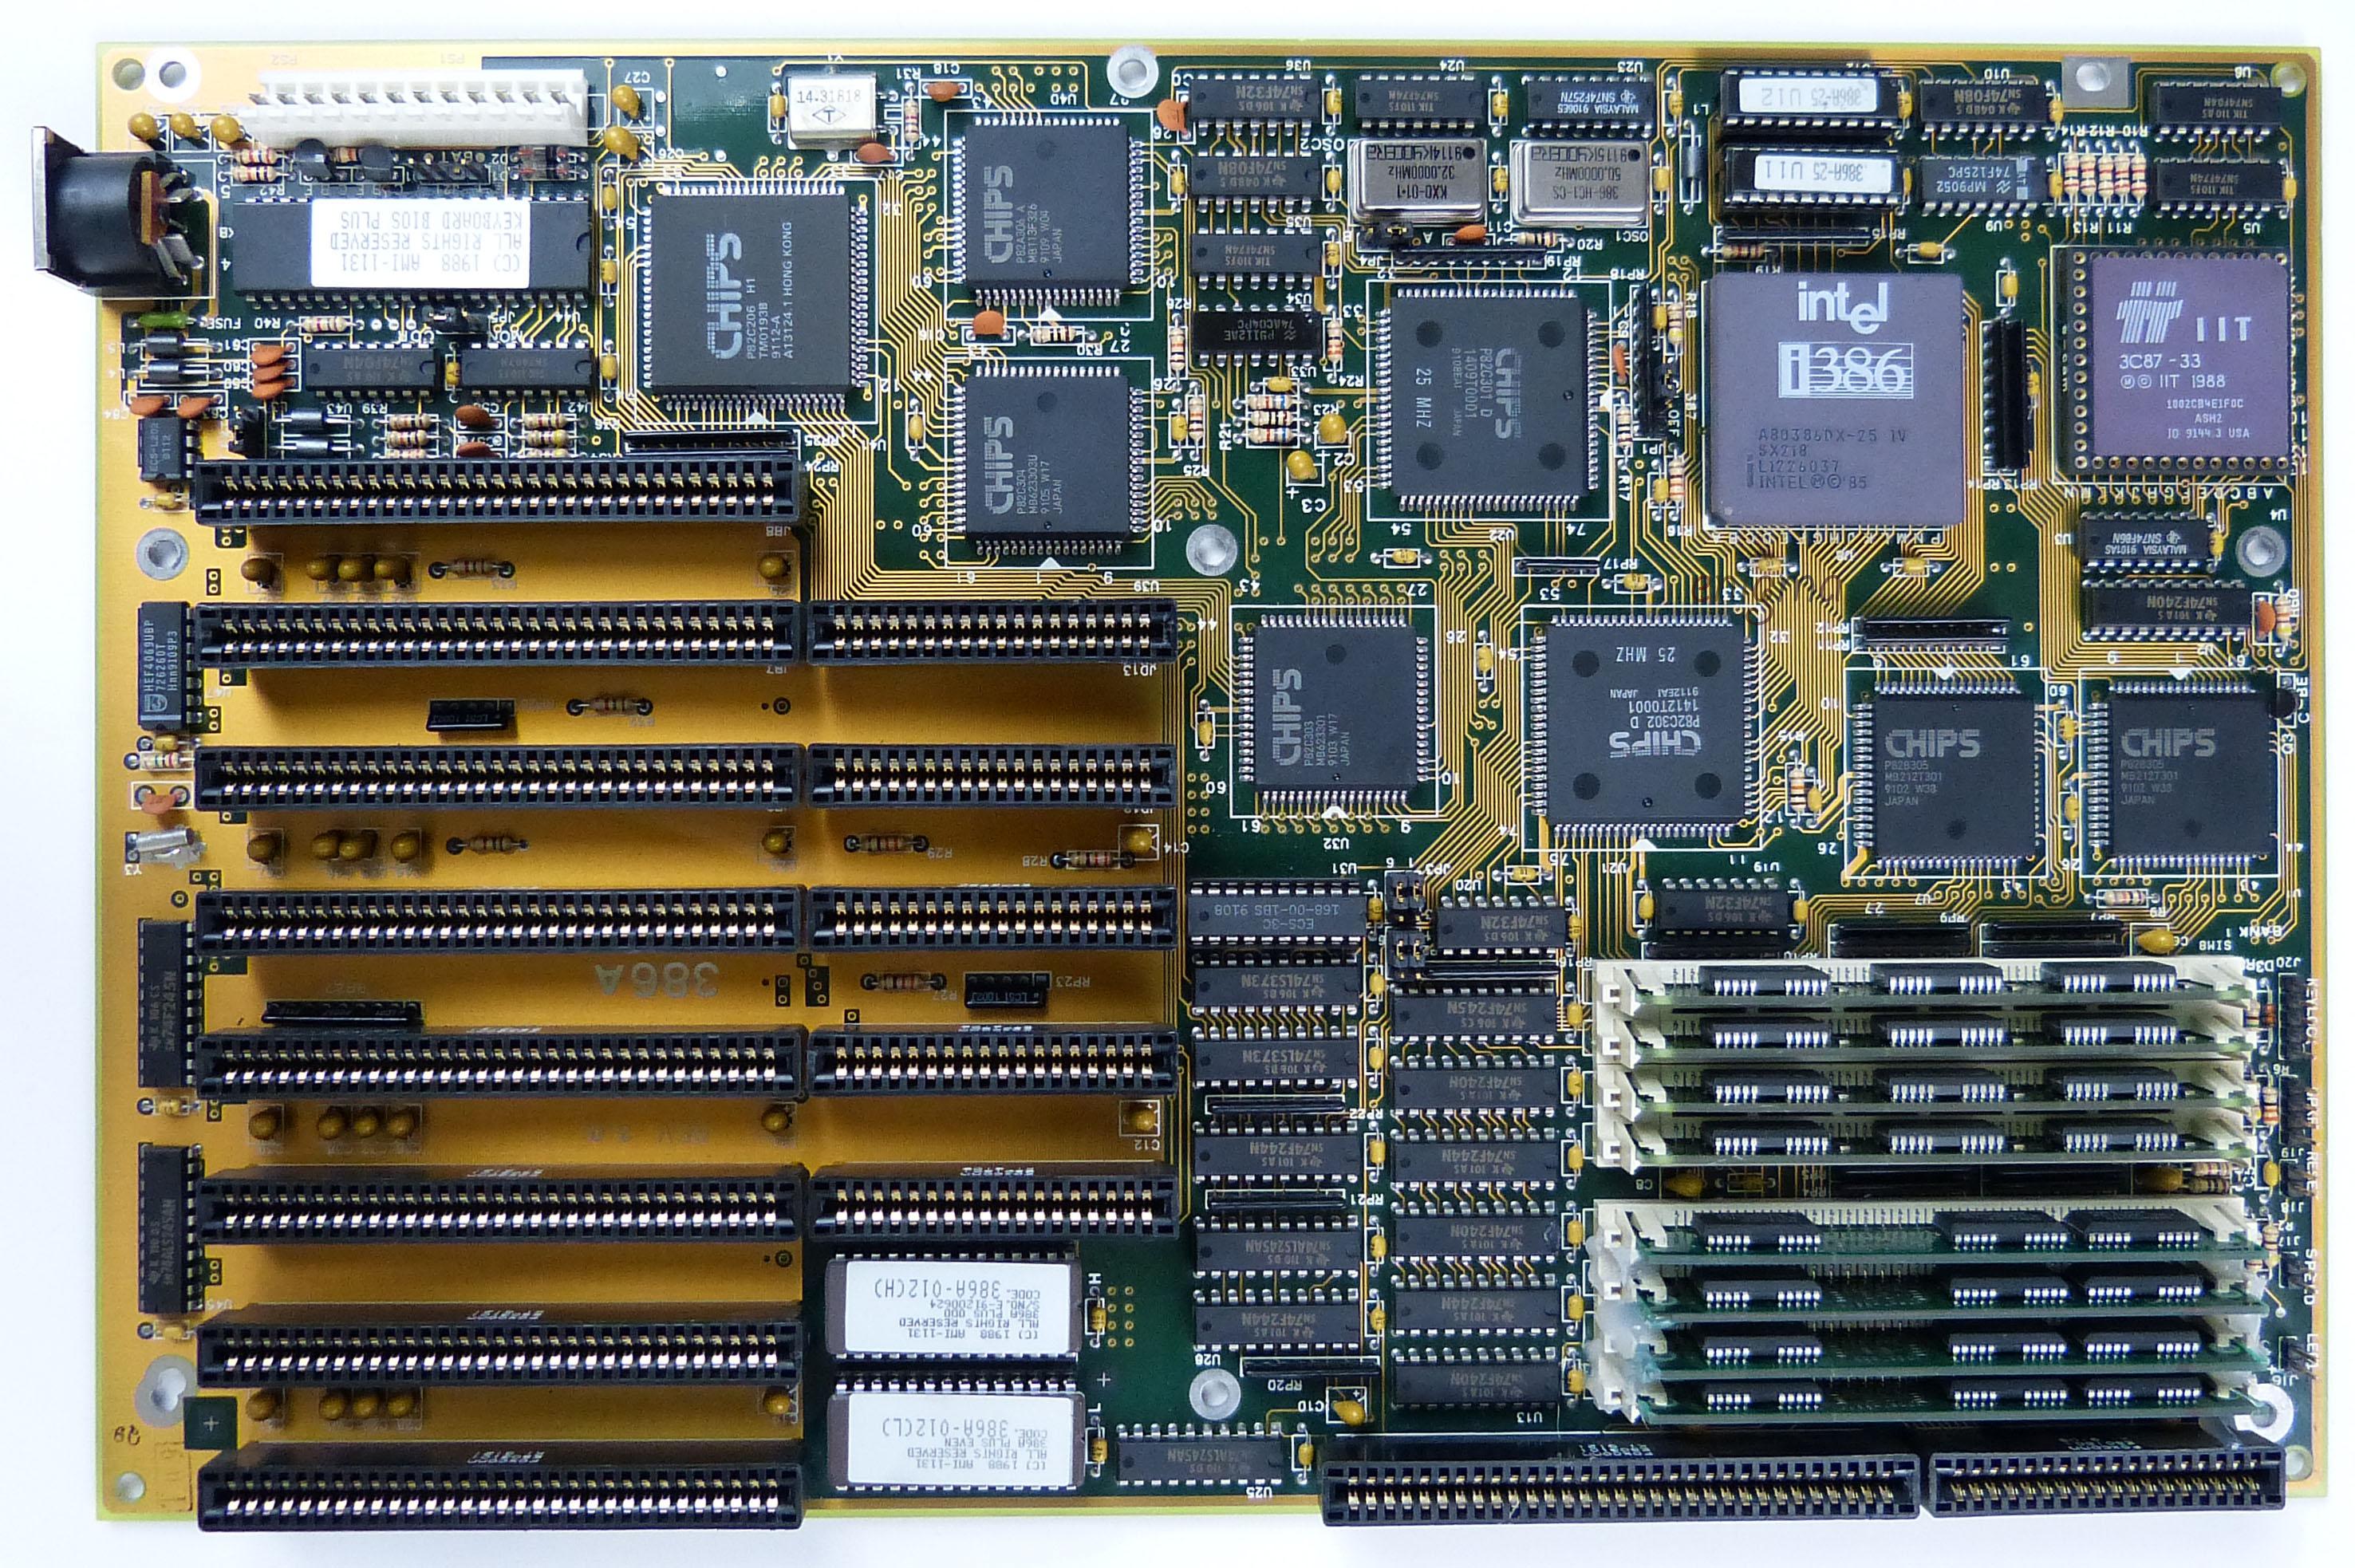 Enigmas Hardware Gallery